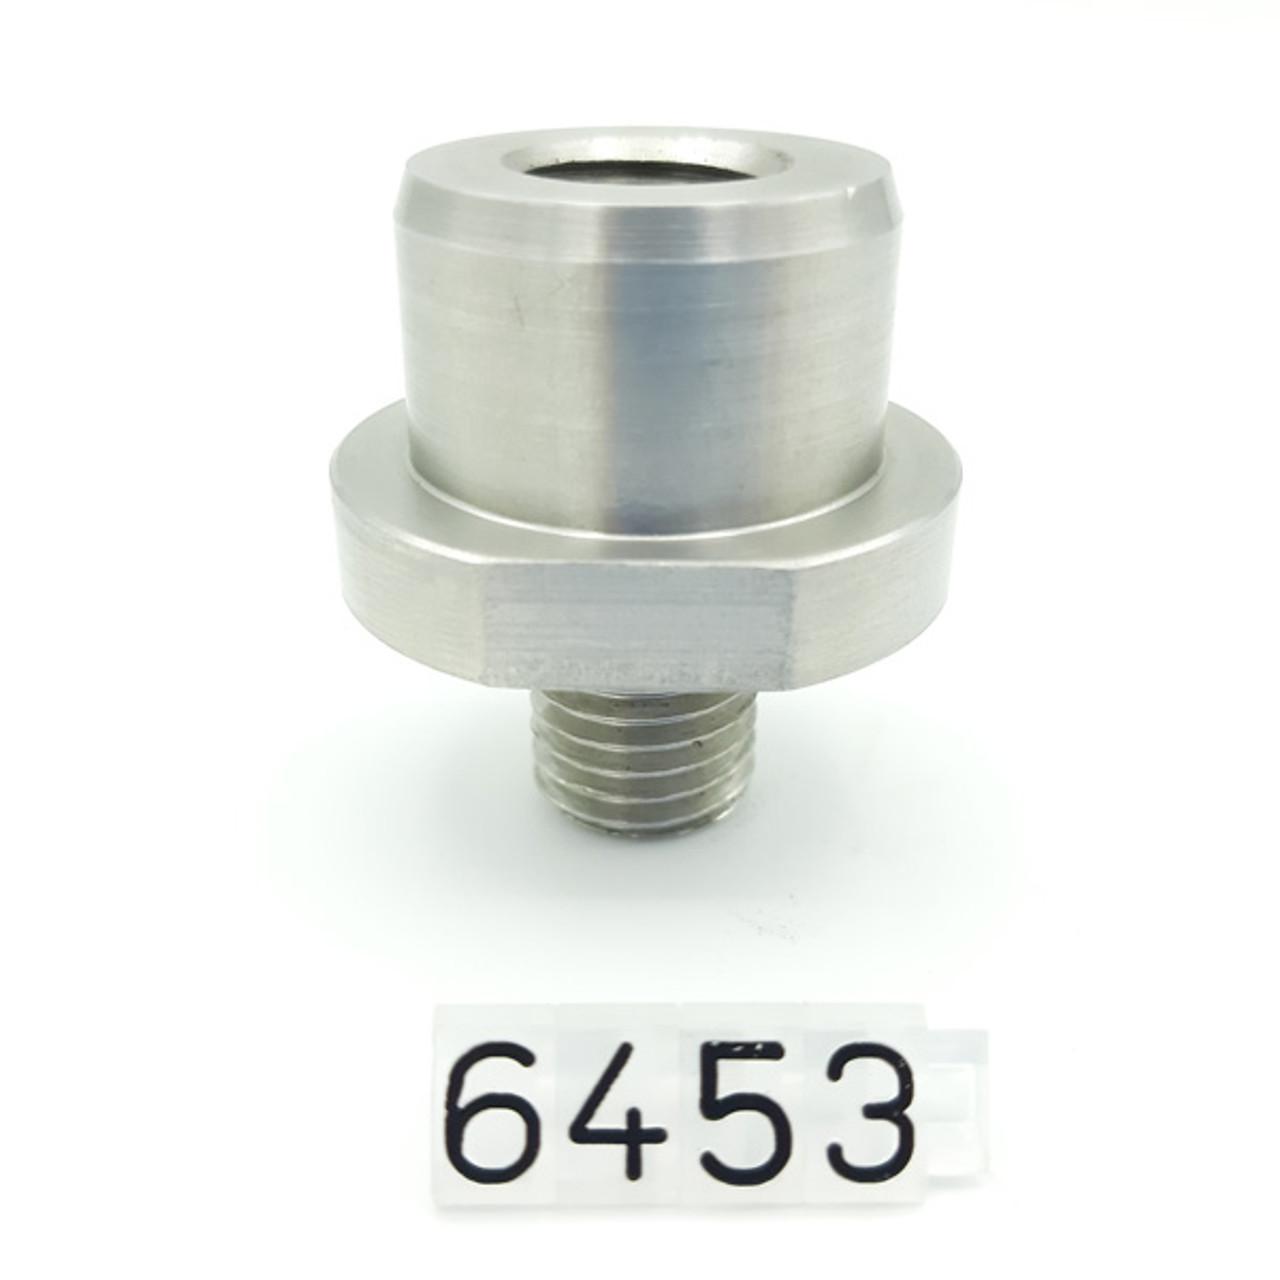 Talsa F Series - Ram Extension (F14,F25,F35) - 6453